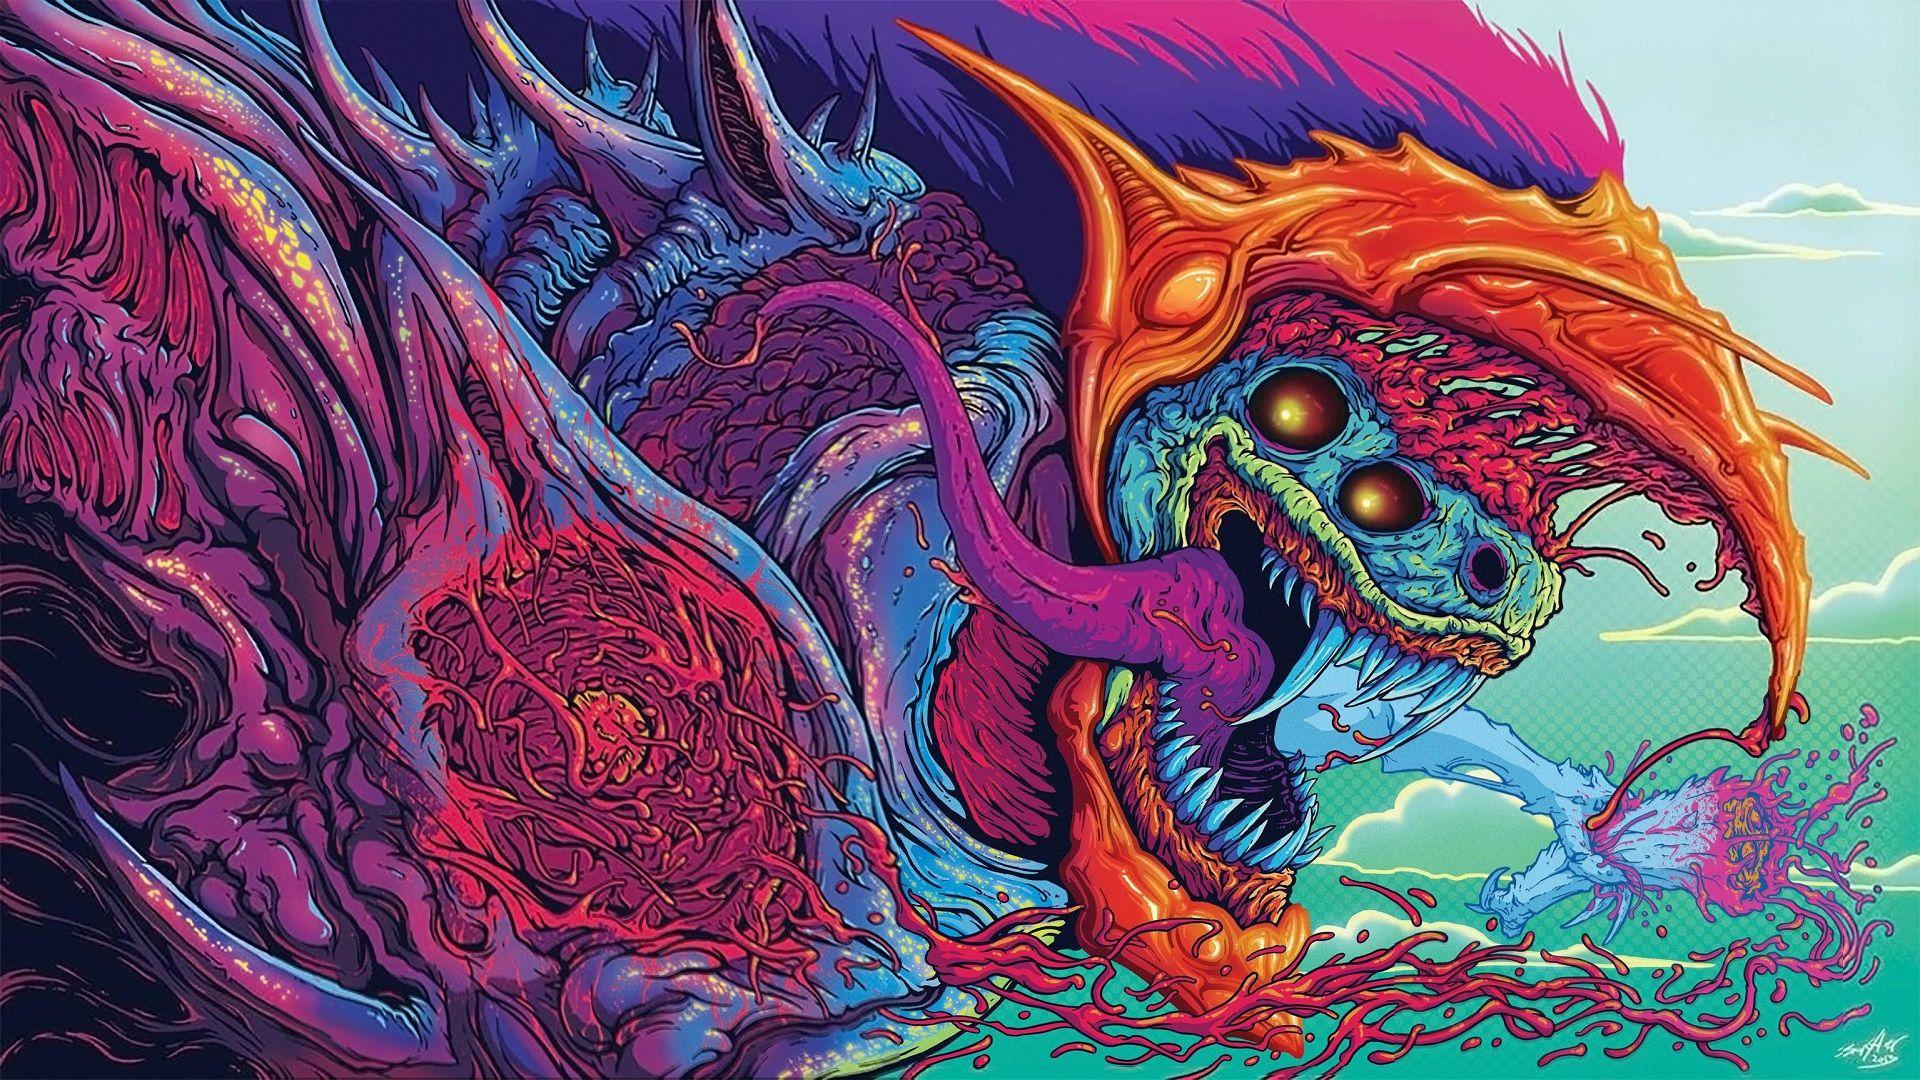 Hyperbeast Wallpapers   Top Hyperbeast Backgrounds 1920x1080